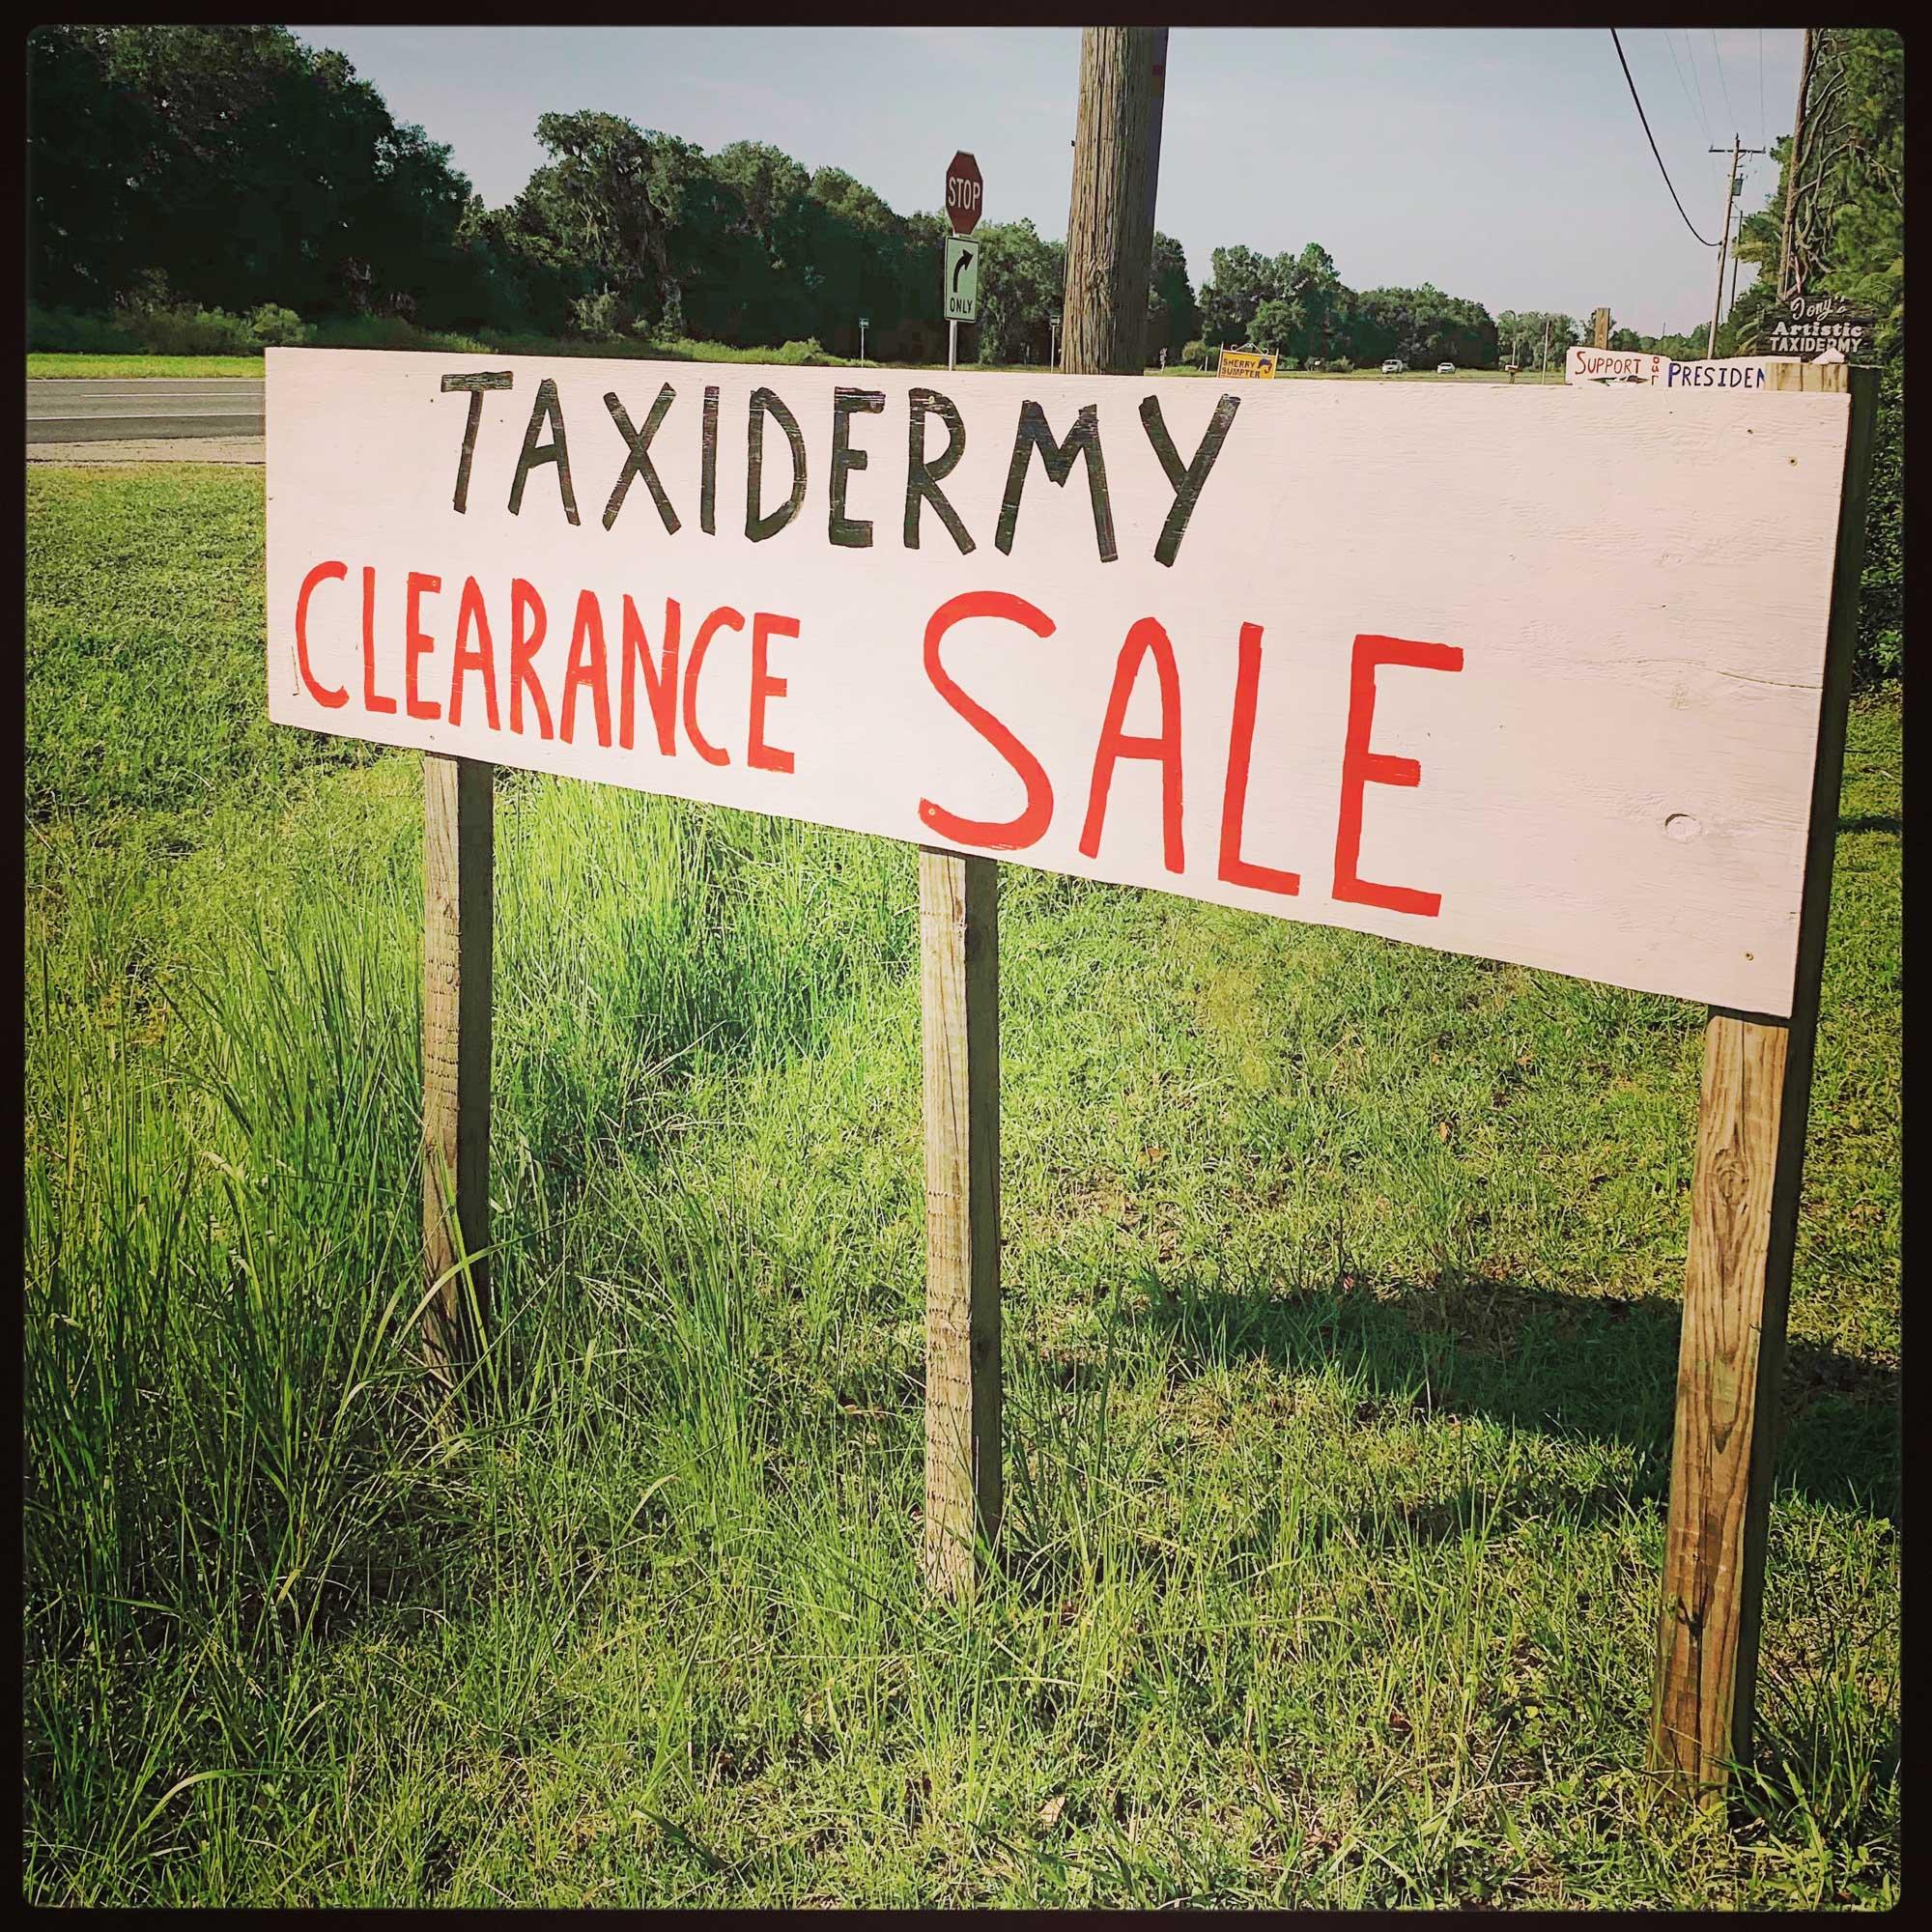 Taxidermy Sale